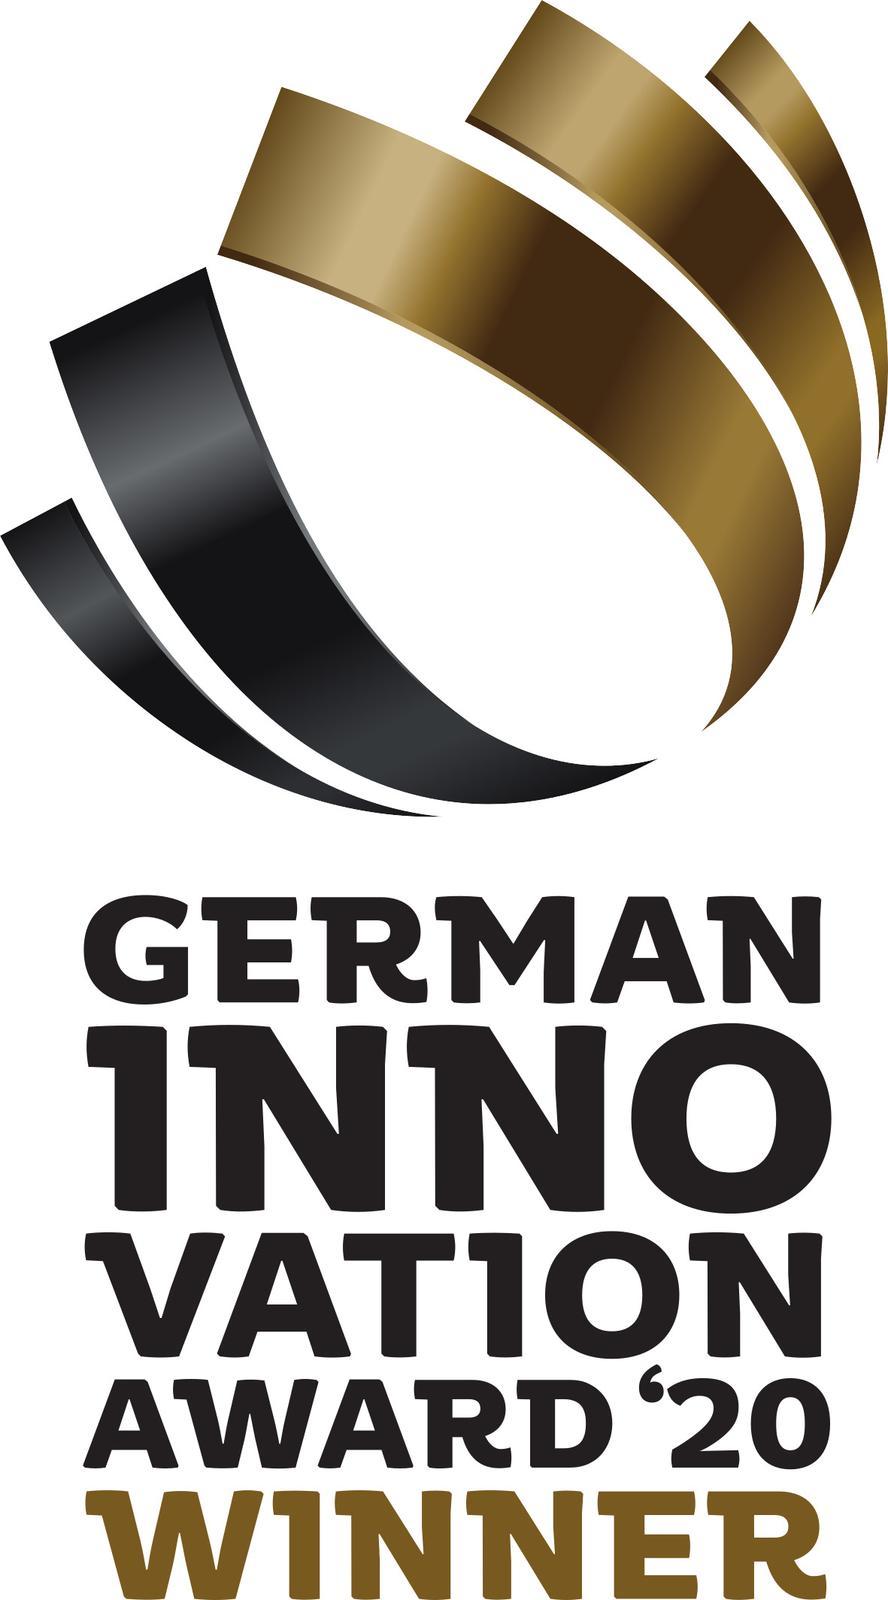 Nové Internorm okno KF520 získalo ocenenie German Innovation Award a MUSE Design Award - Obrázok č. 2